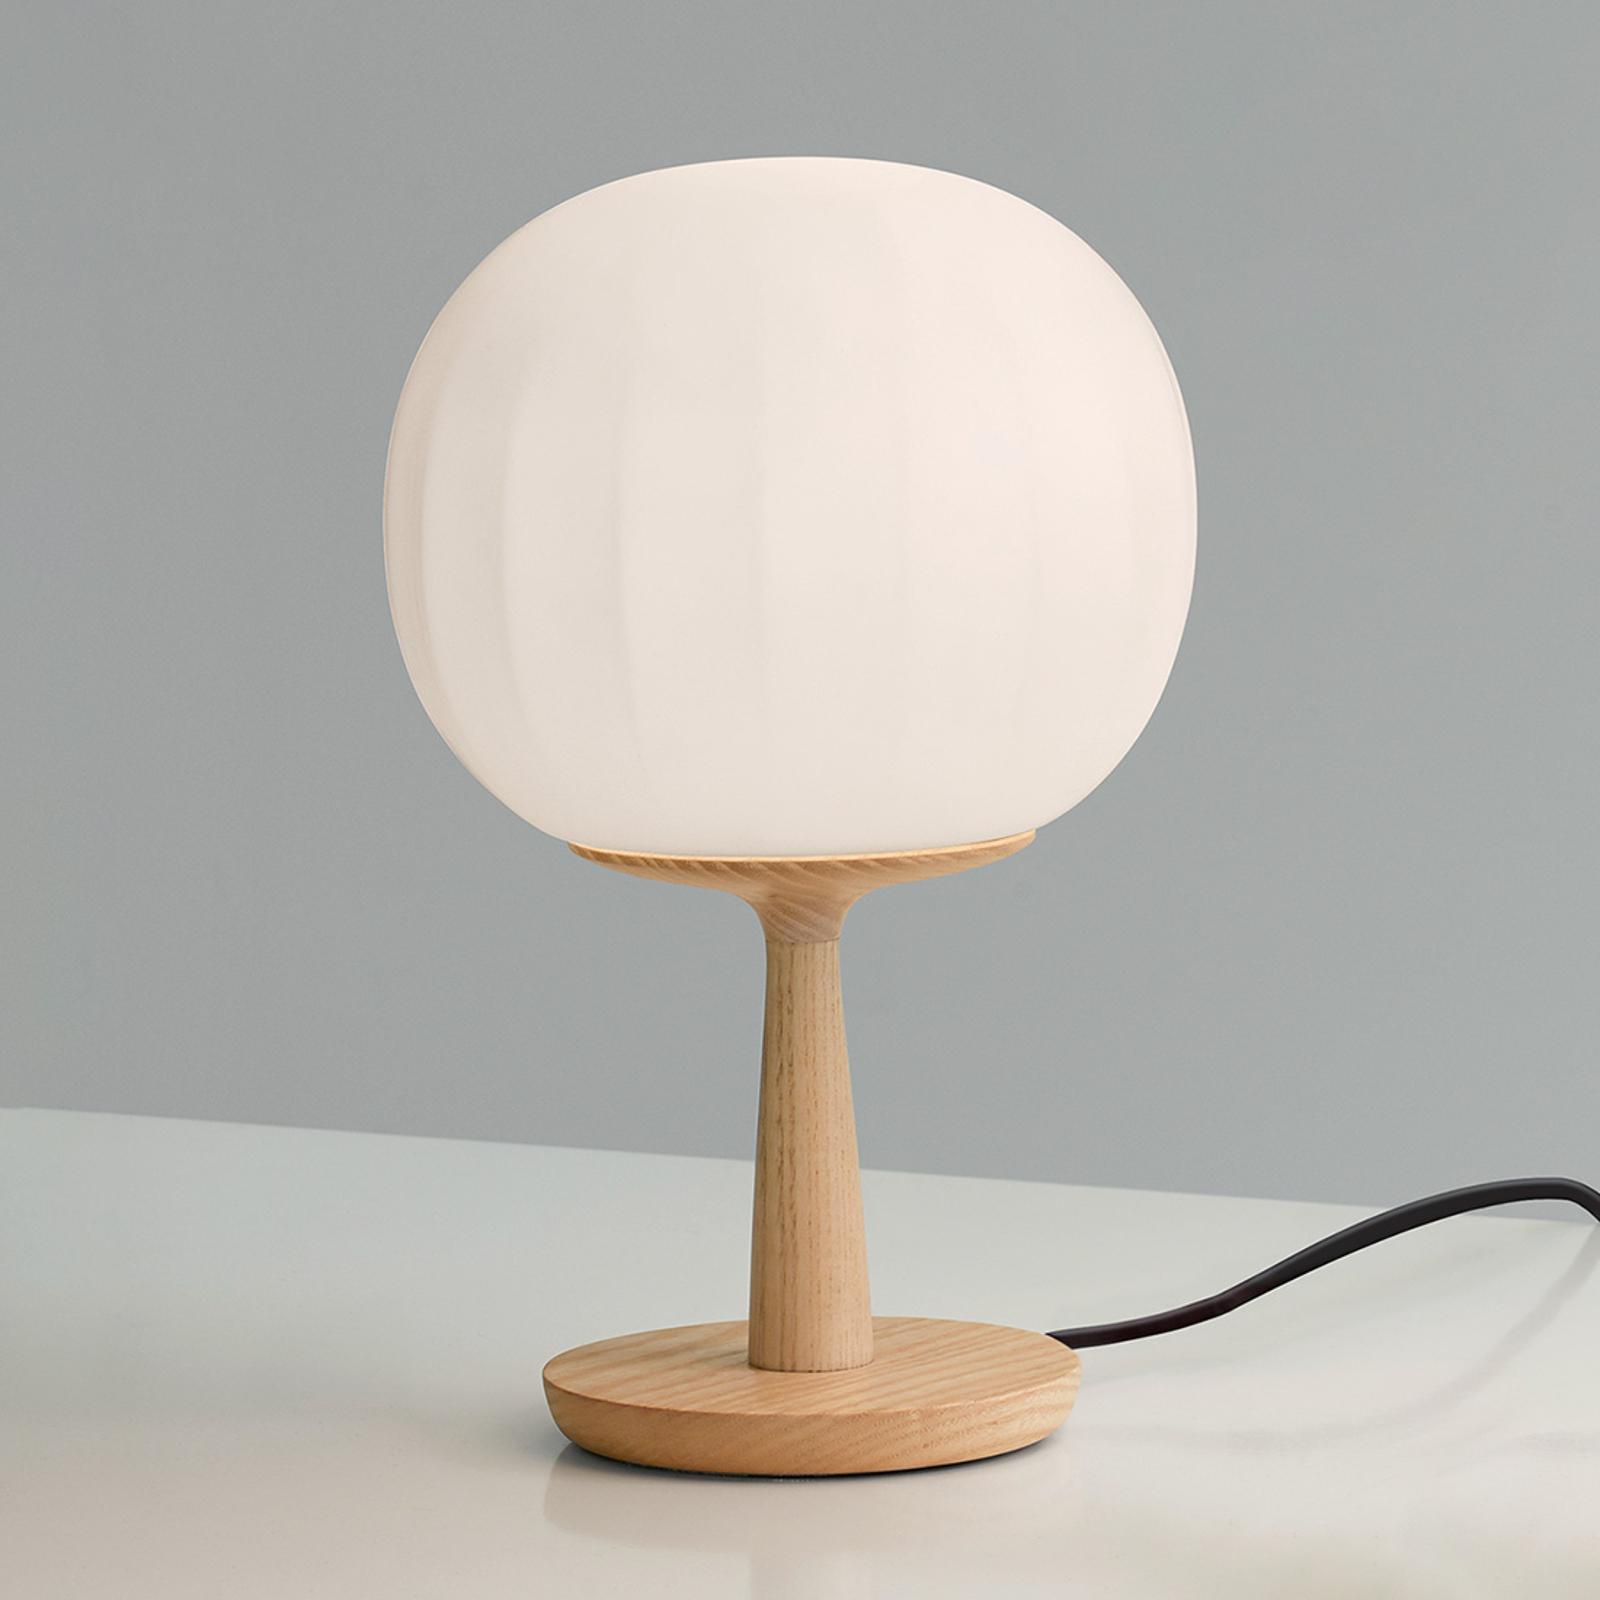 Luceplan lampe à poser Lita pied en frêne 28 cm